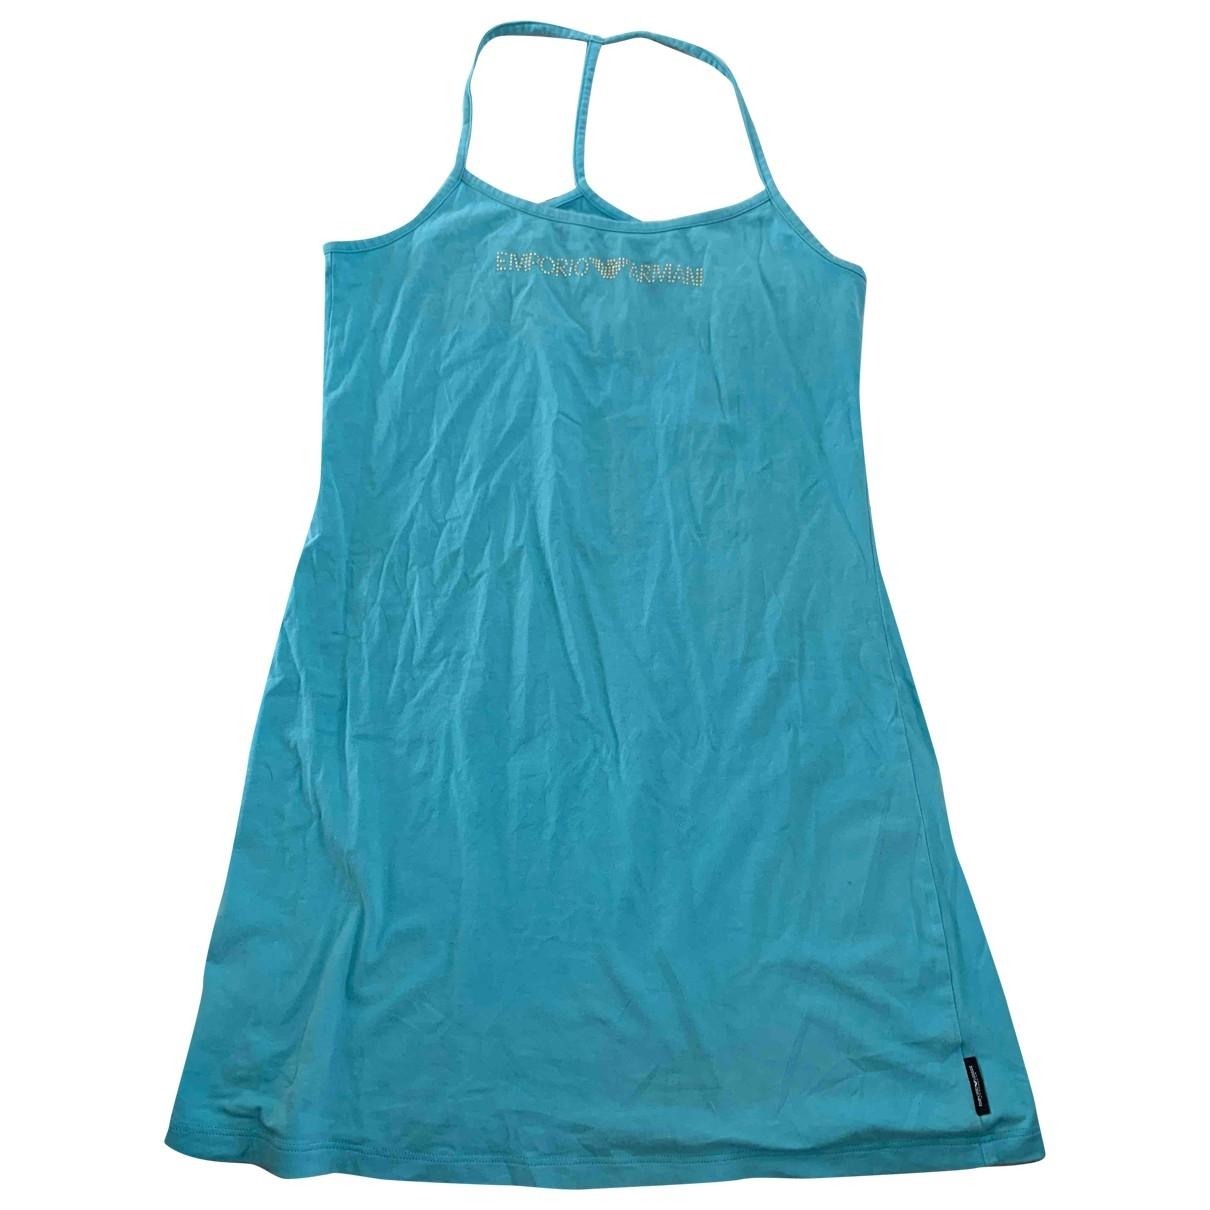 Emporio Armani - Bain   pour femme en coton - elasthane - turquoise